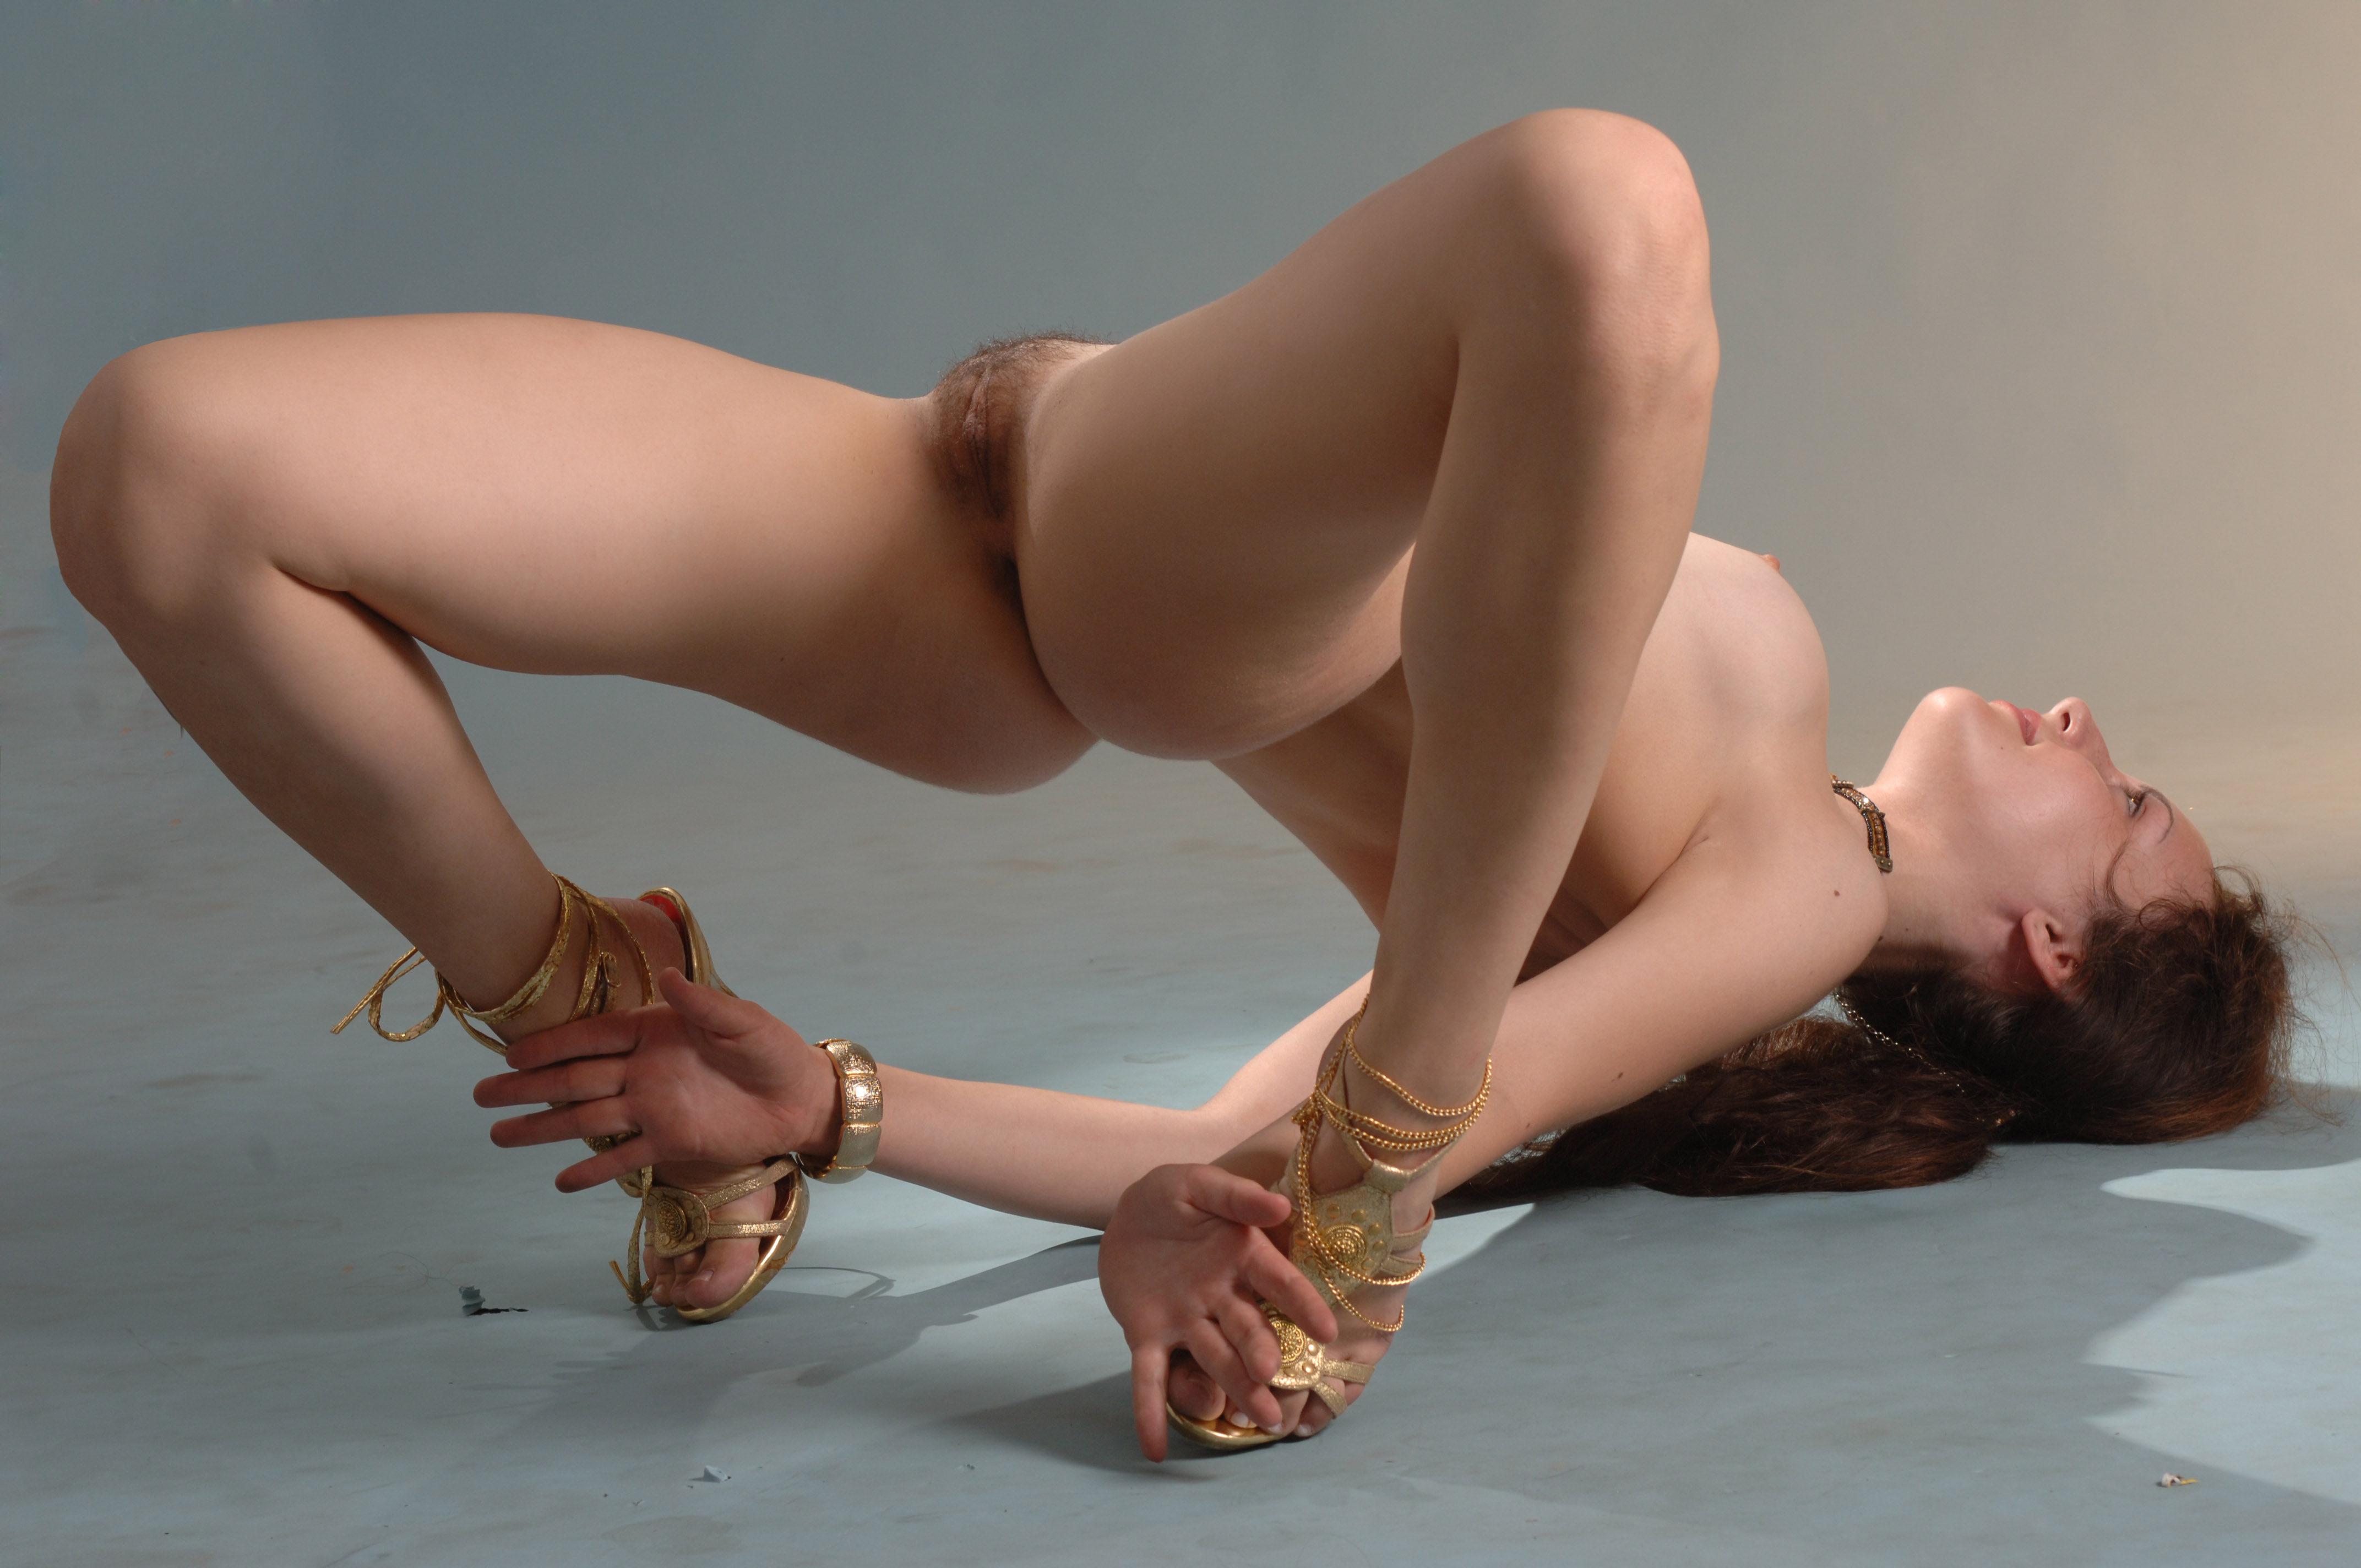 Эротика голые гимнастки фото бесплатно 12 фотография